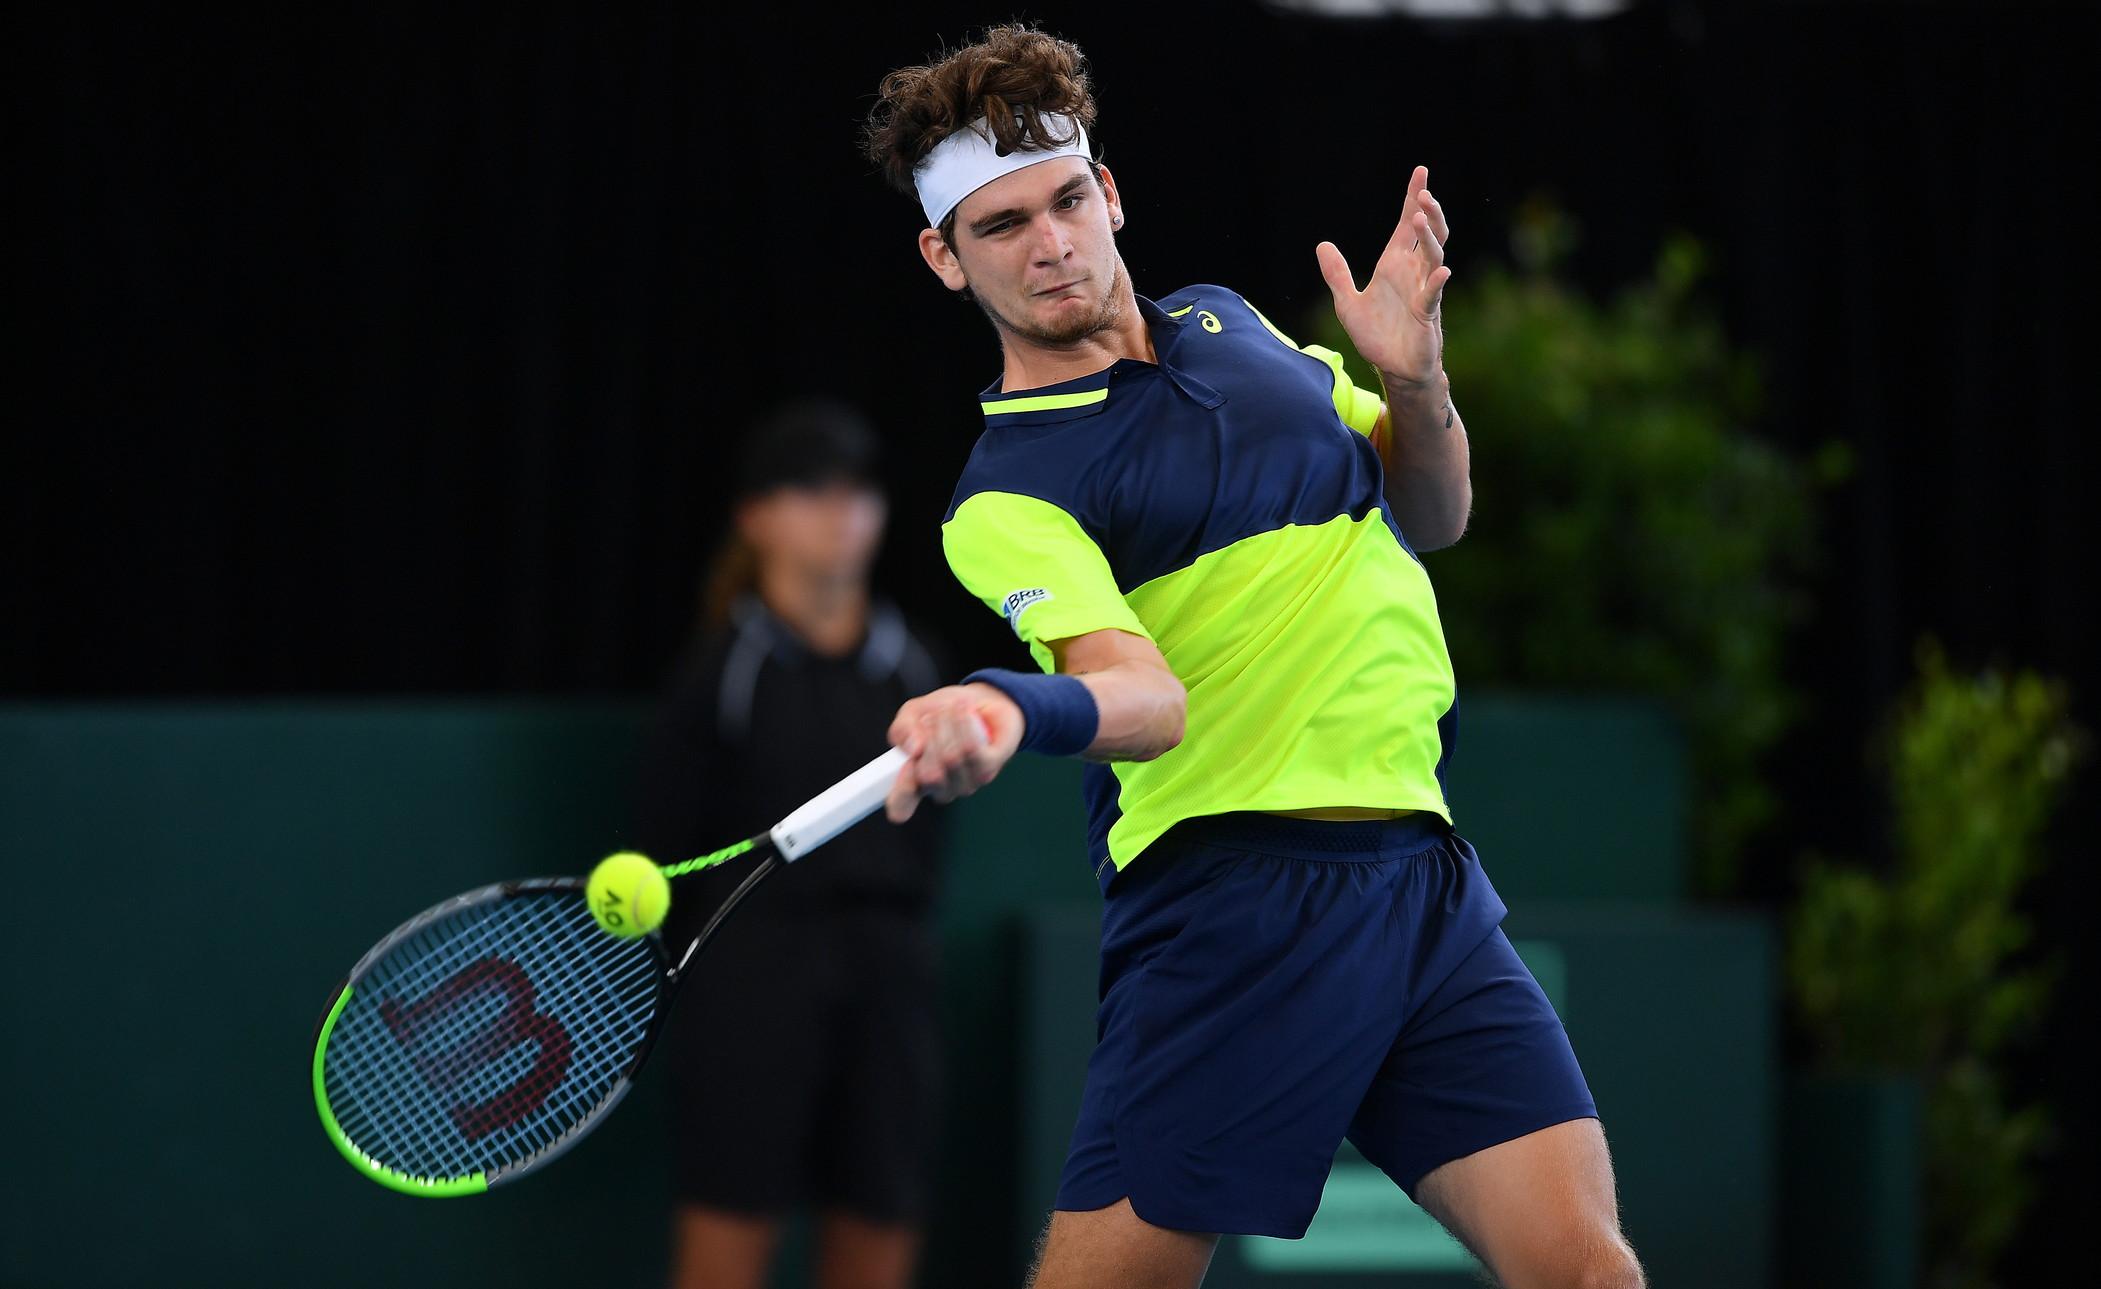 Thiago Seyboth Wild (Tennis - Brasile)